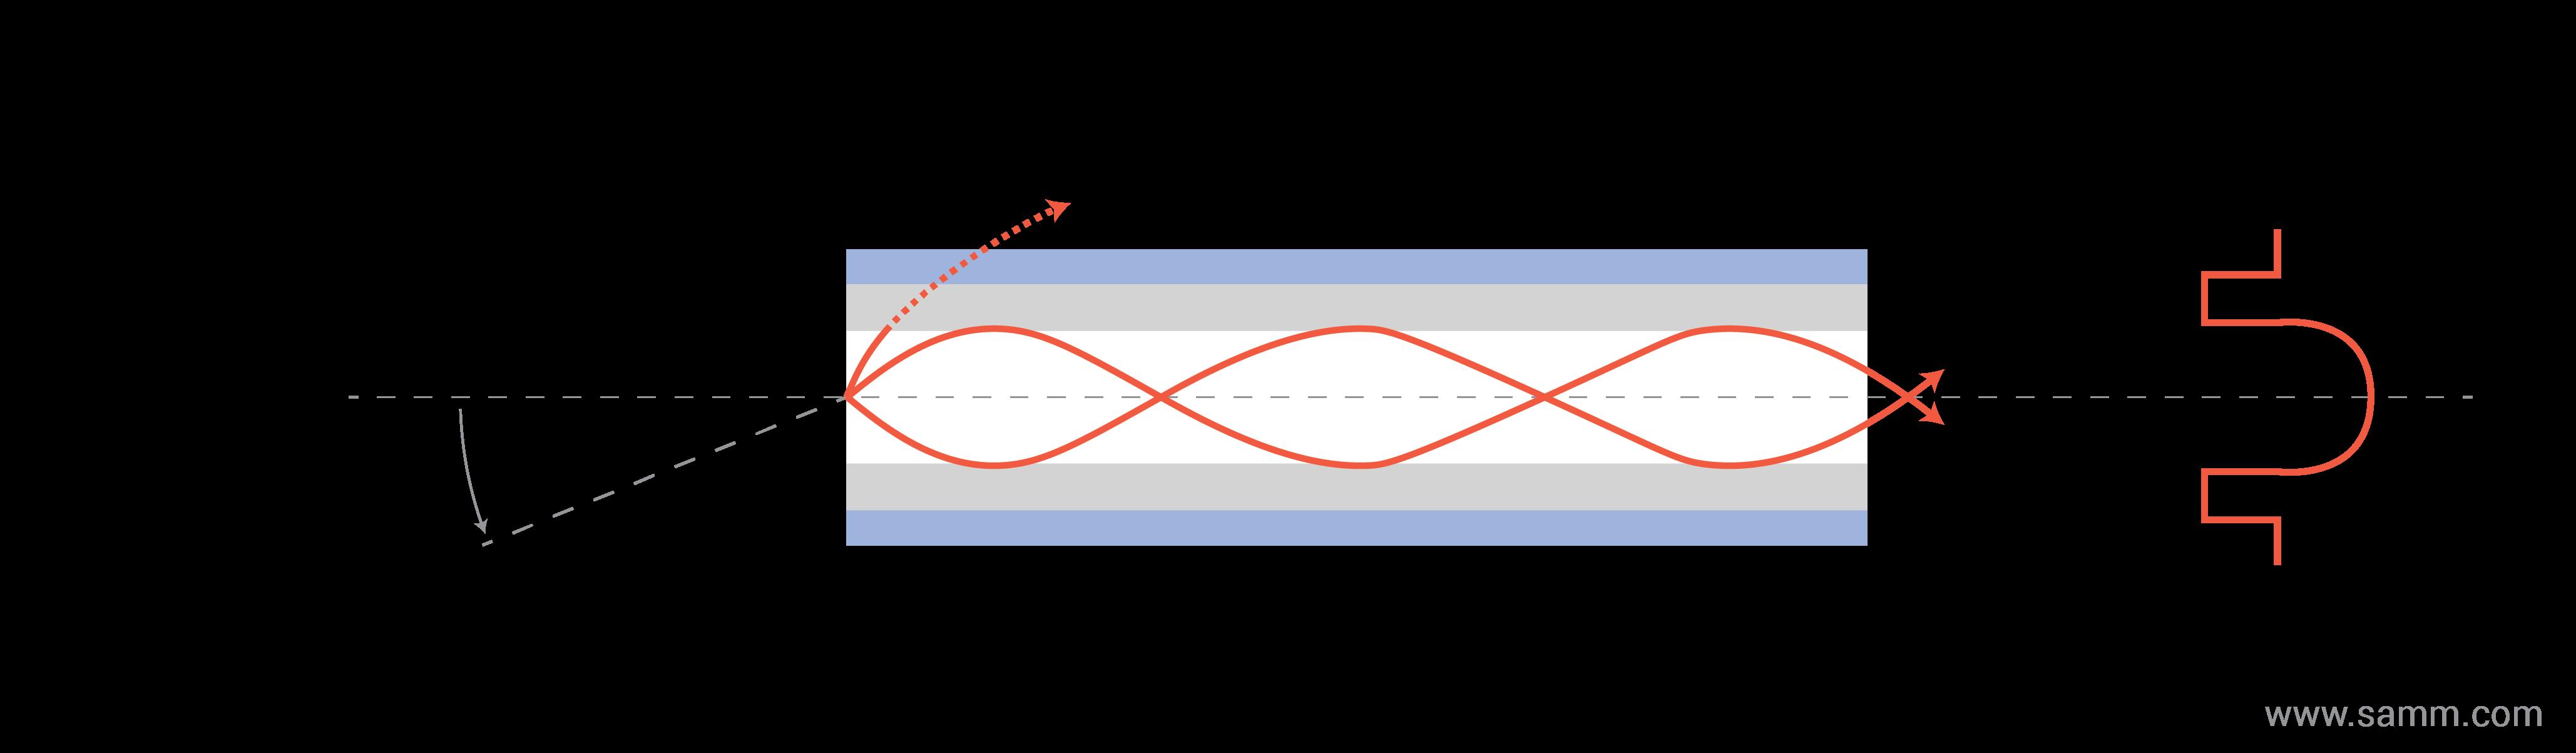 optik-fiber-tipleri-sinyal- Çok Modlu derece-indisi